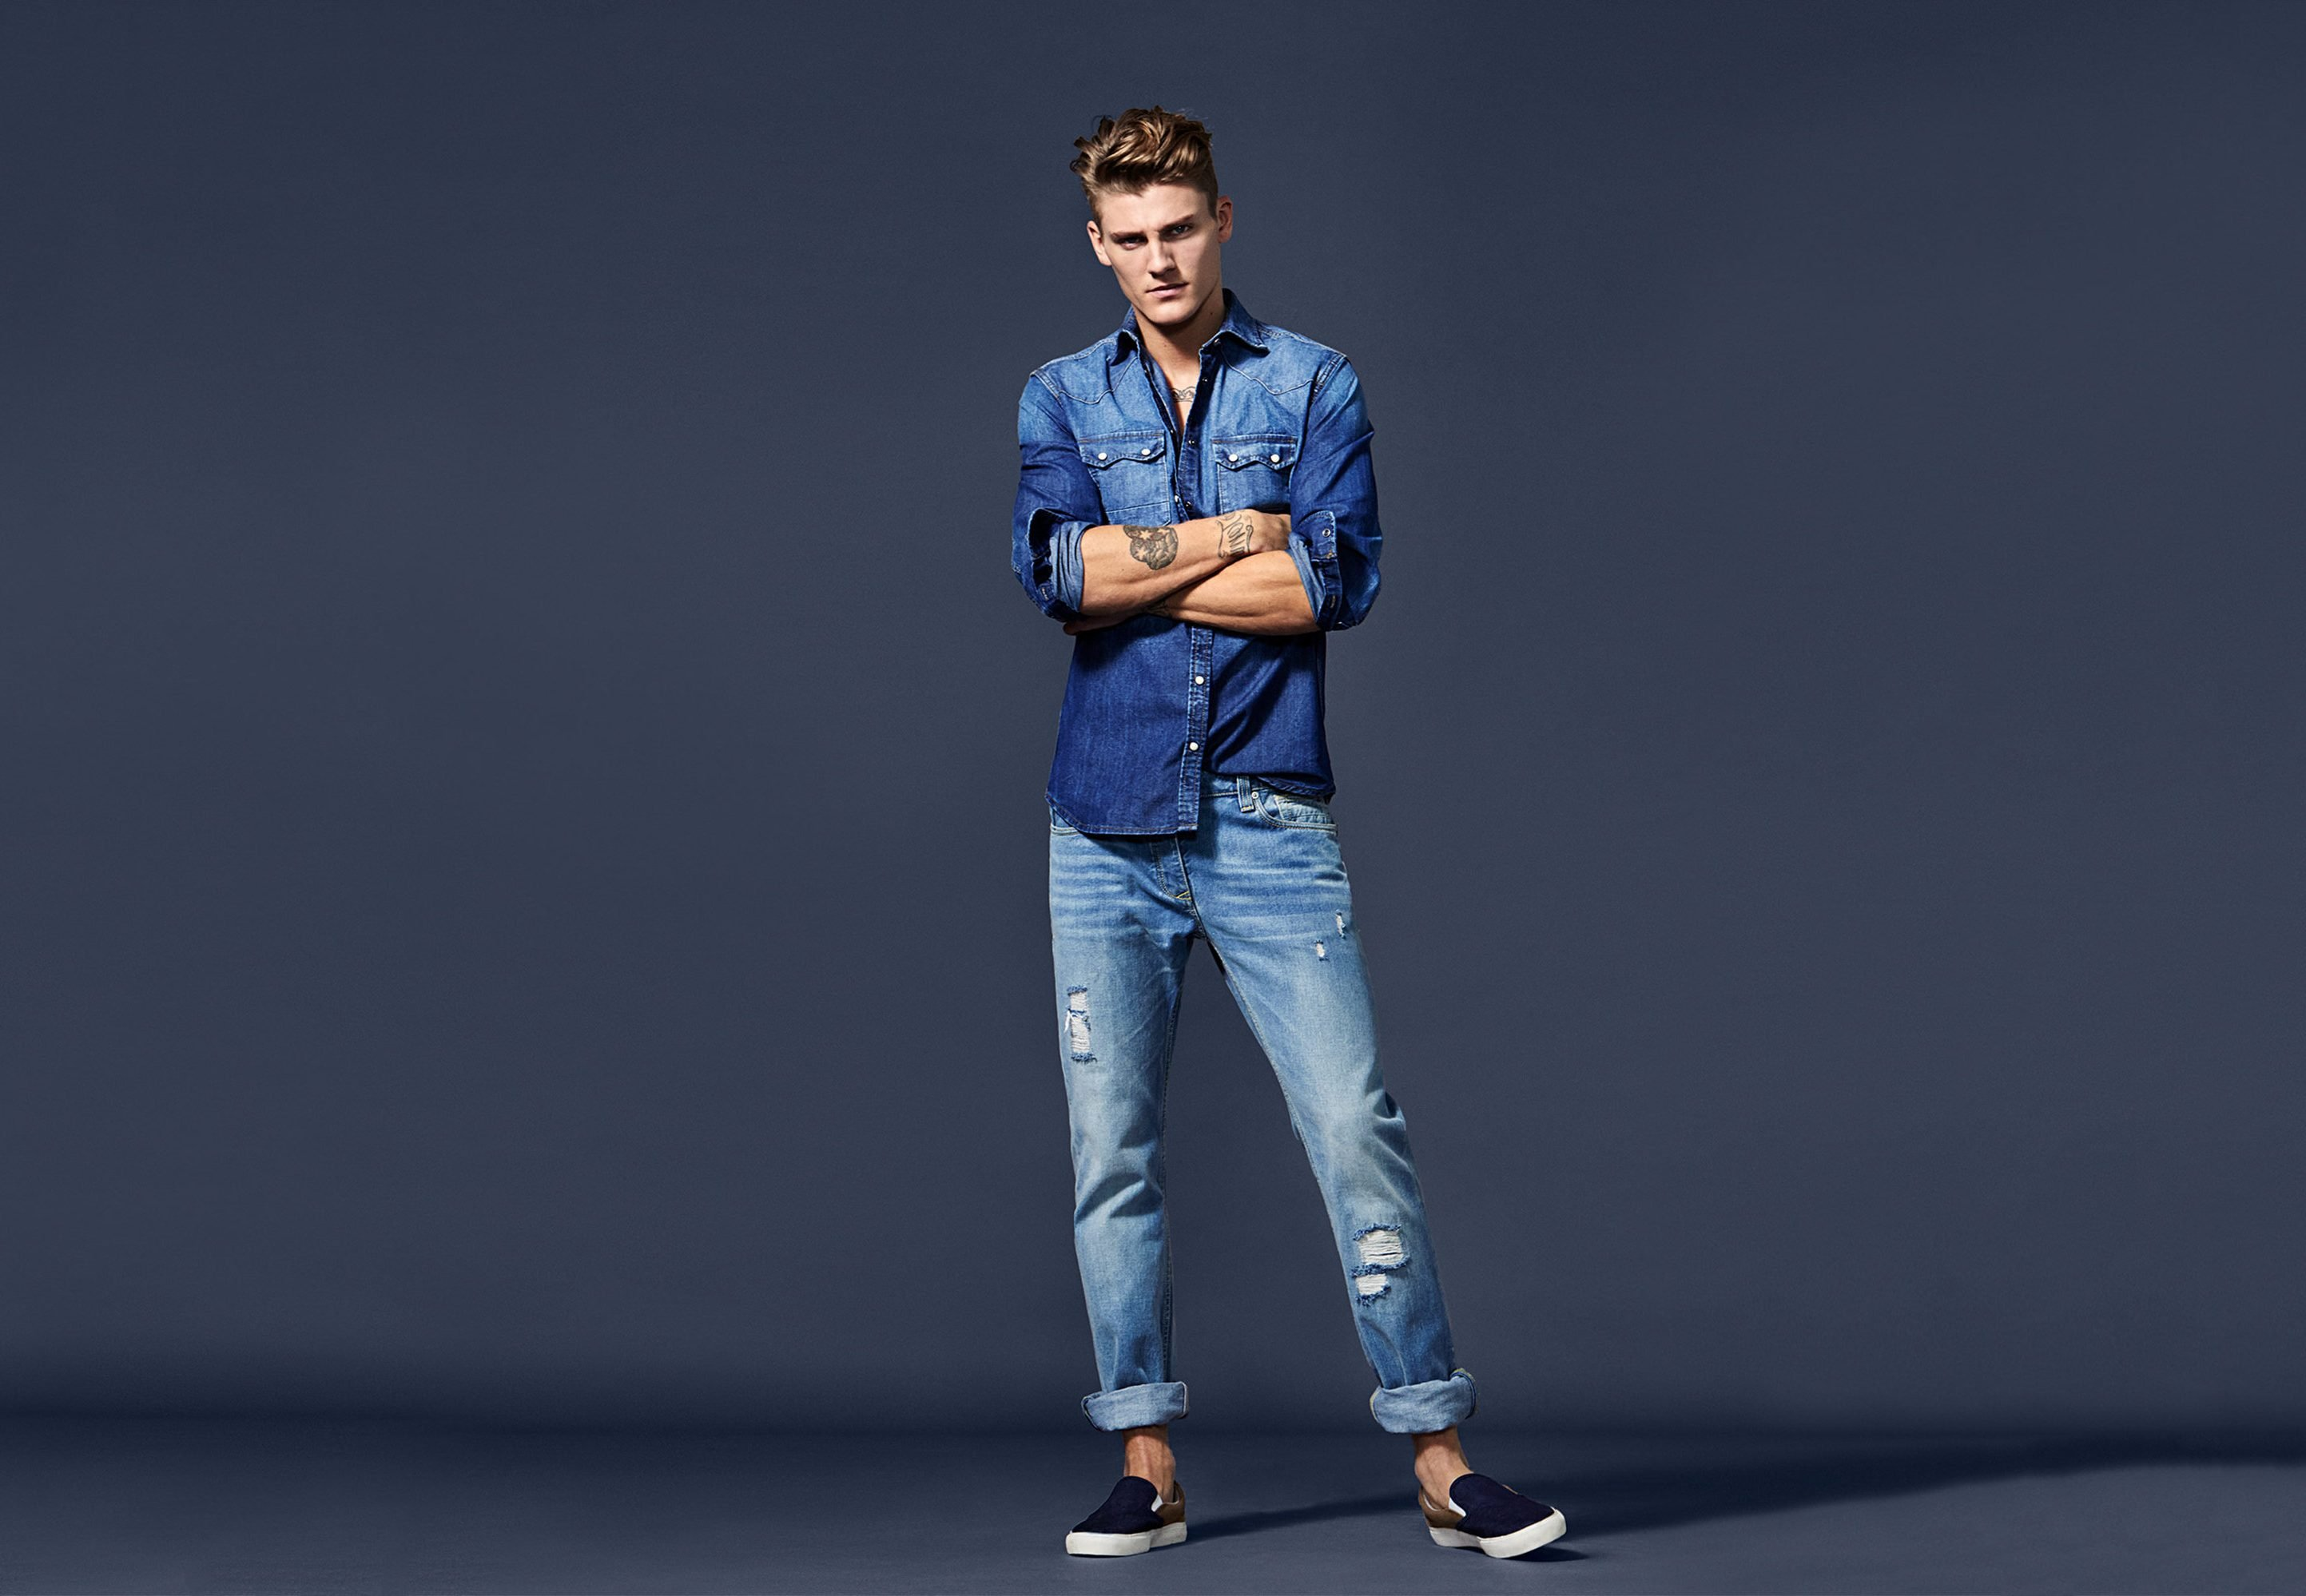 Herren Jeans: Das Alltime-Männer-Outfit ist aus Denim!